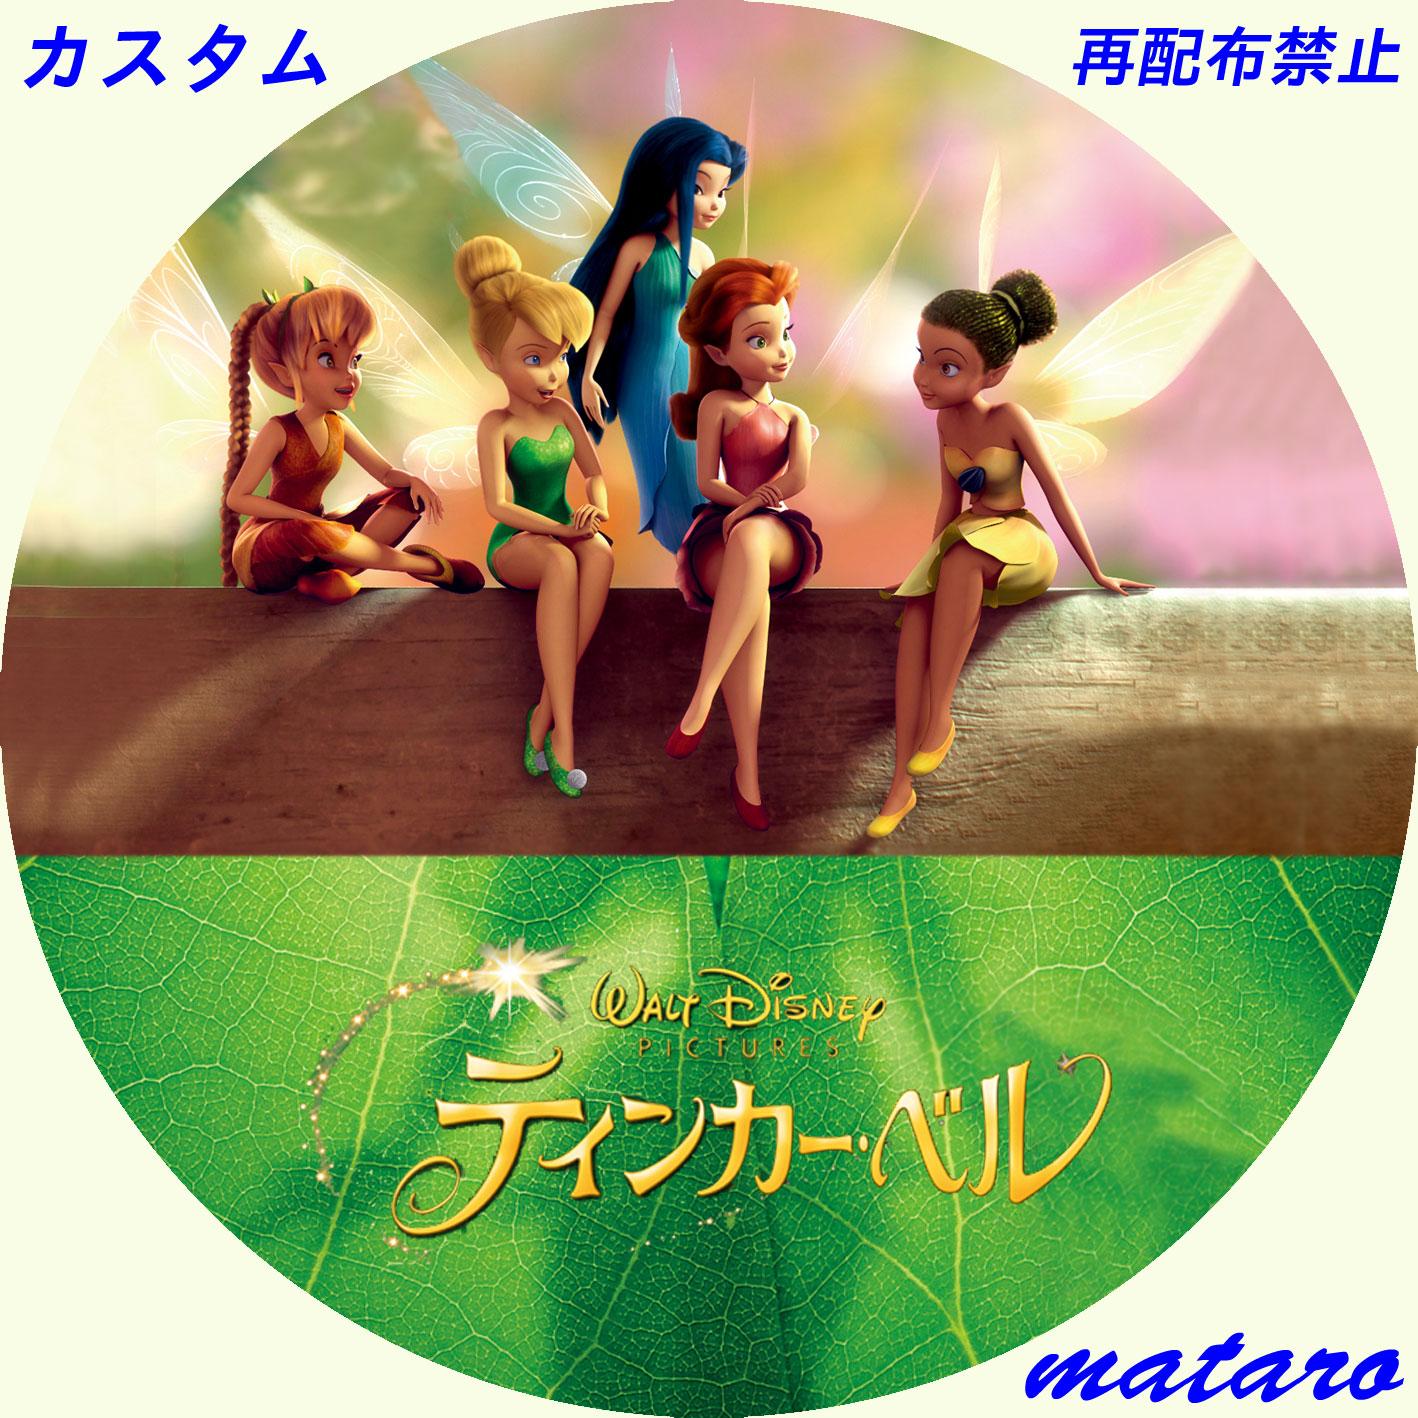 ティンカー・ベルと妖精の家 - Tinker Bell and the Great Fairy Rescue